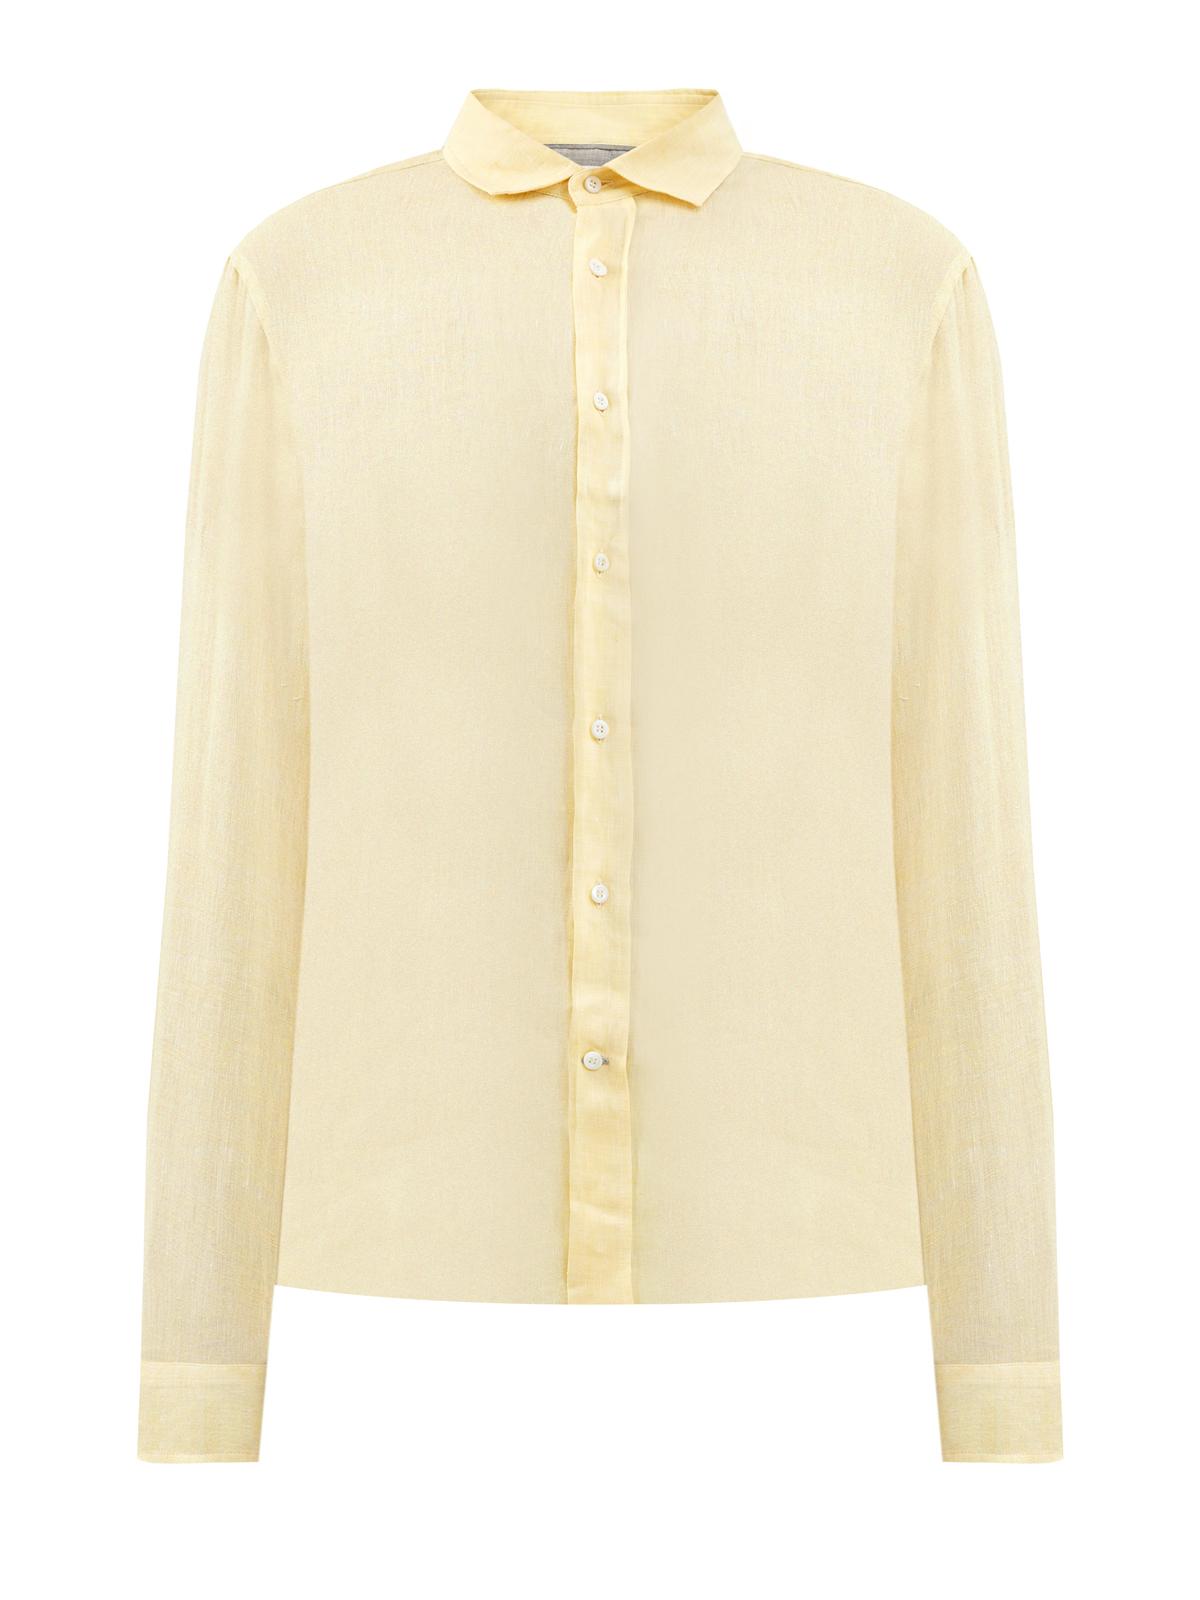 Льняная рубашка с отложным воротом и застежкой на пуговицы